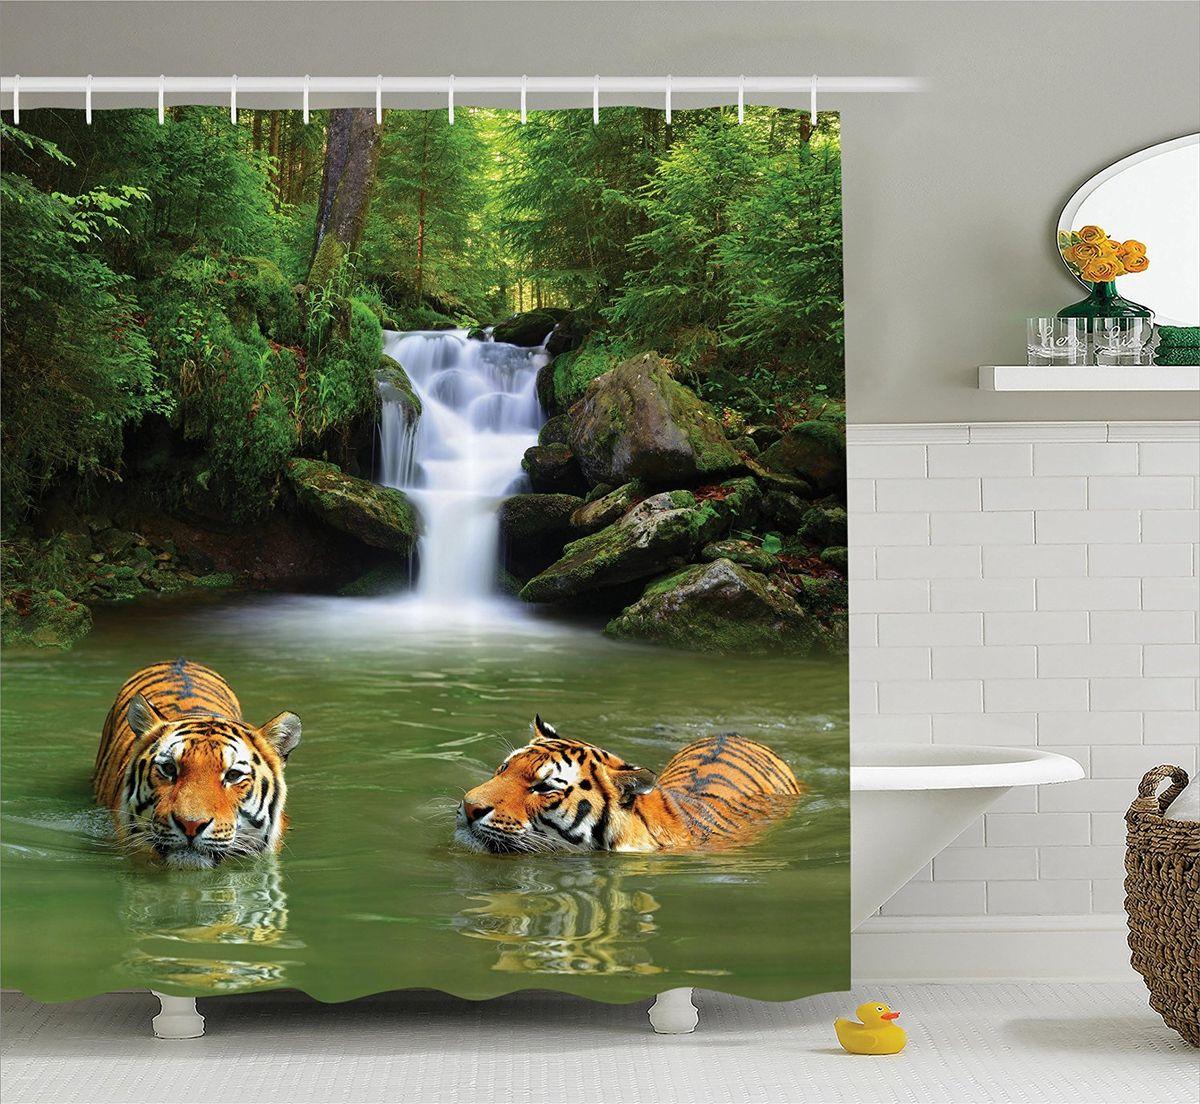 """Штора Magic Lady """"""""Купающиеся тигры"""", изготовленная из высококачественного сатена (полиэстер 100%), отлично дополнит любой интерьер ванной комнаты. При изготовлении используются специальные гипоаллергенные чернила для прямой печати по ткани, безопасные для человека.     В комплекте: 1 штора, 12 крючков.    Обращаем ваше внимание, фактический цвет изделия может незначительно отличаться от представленного на фото."""